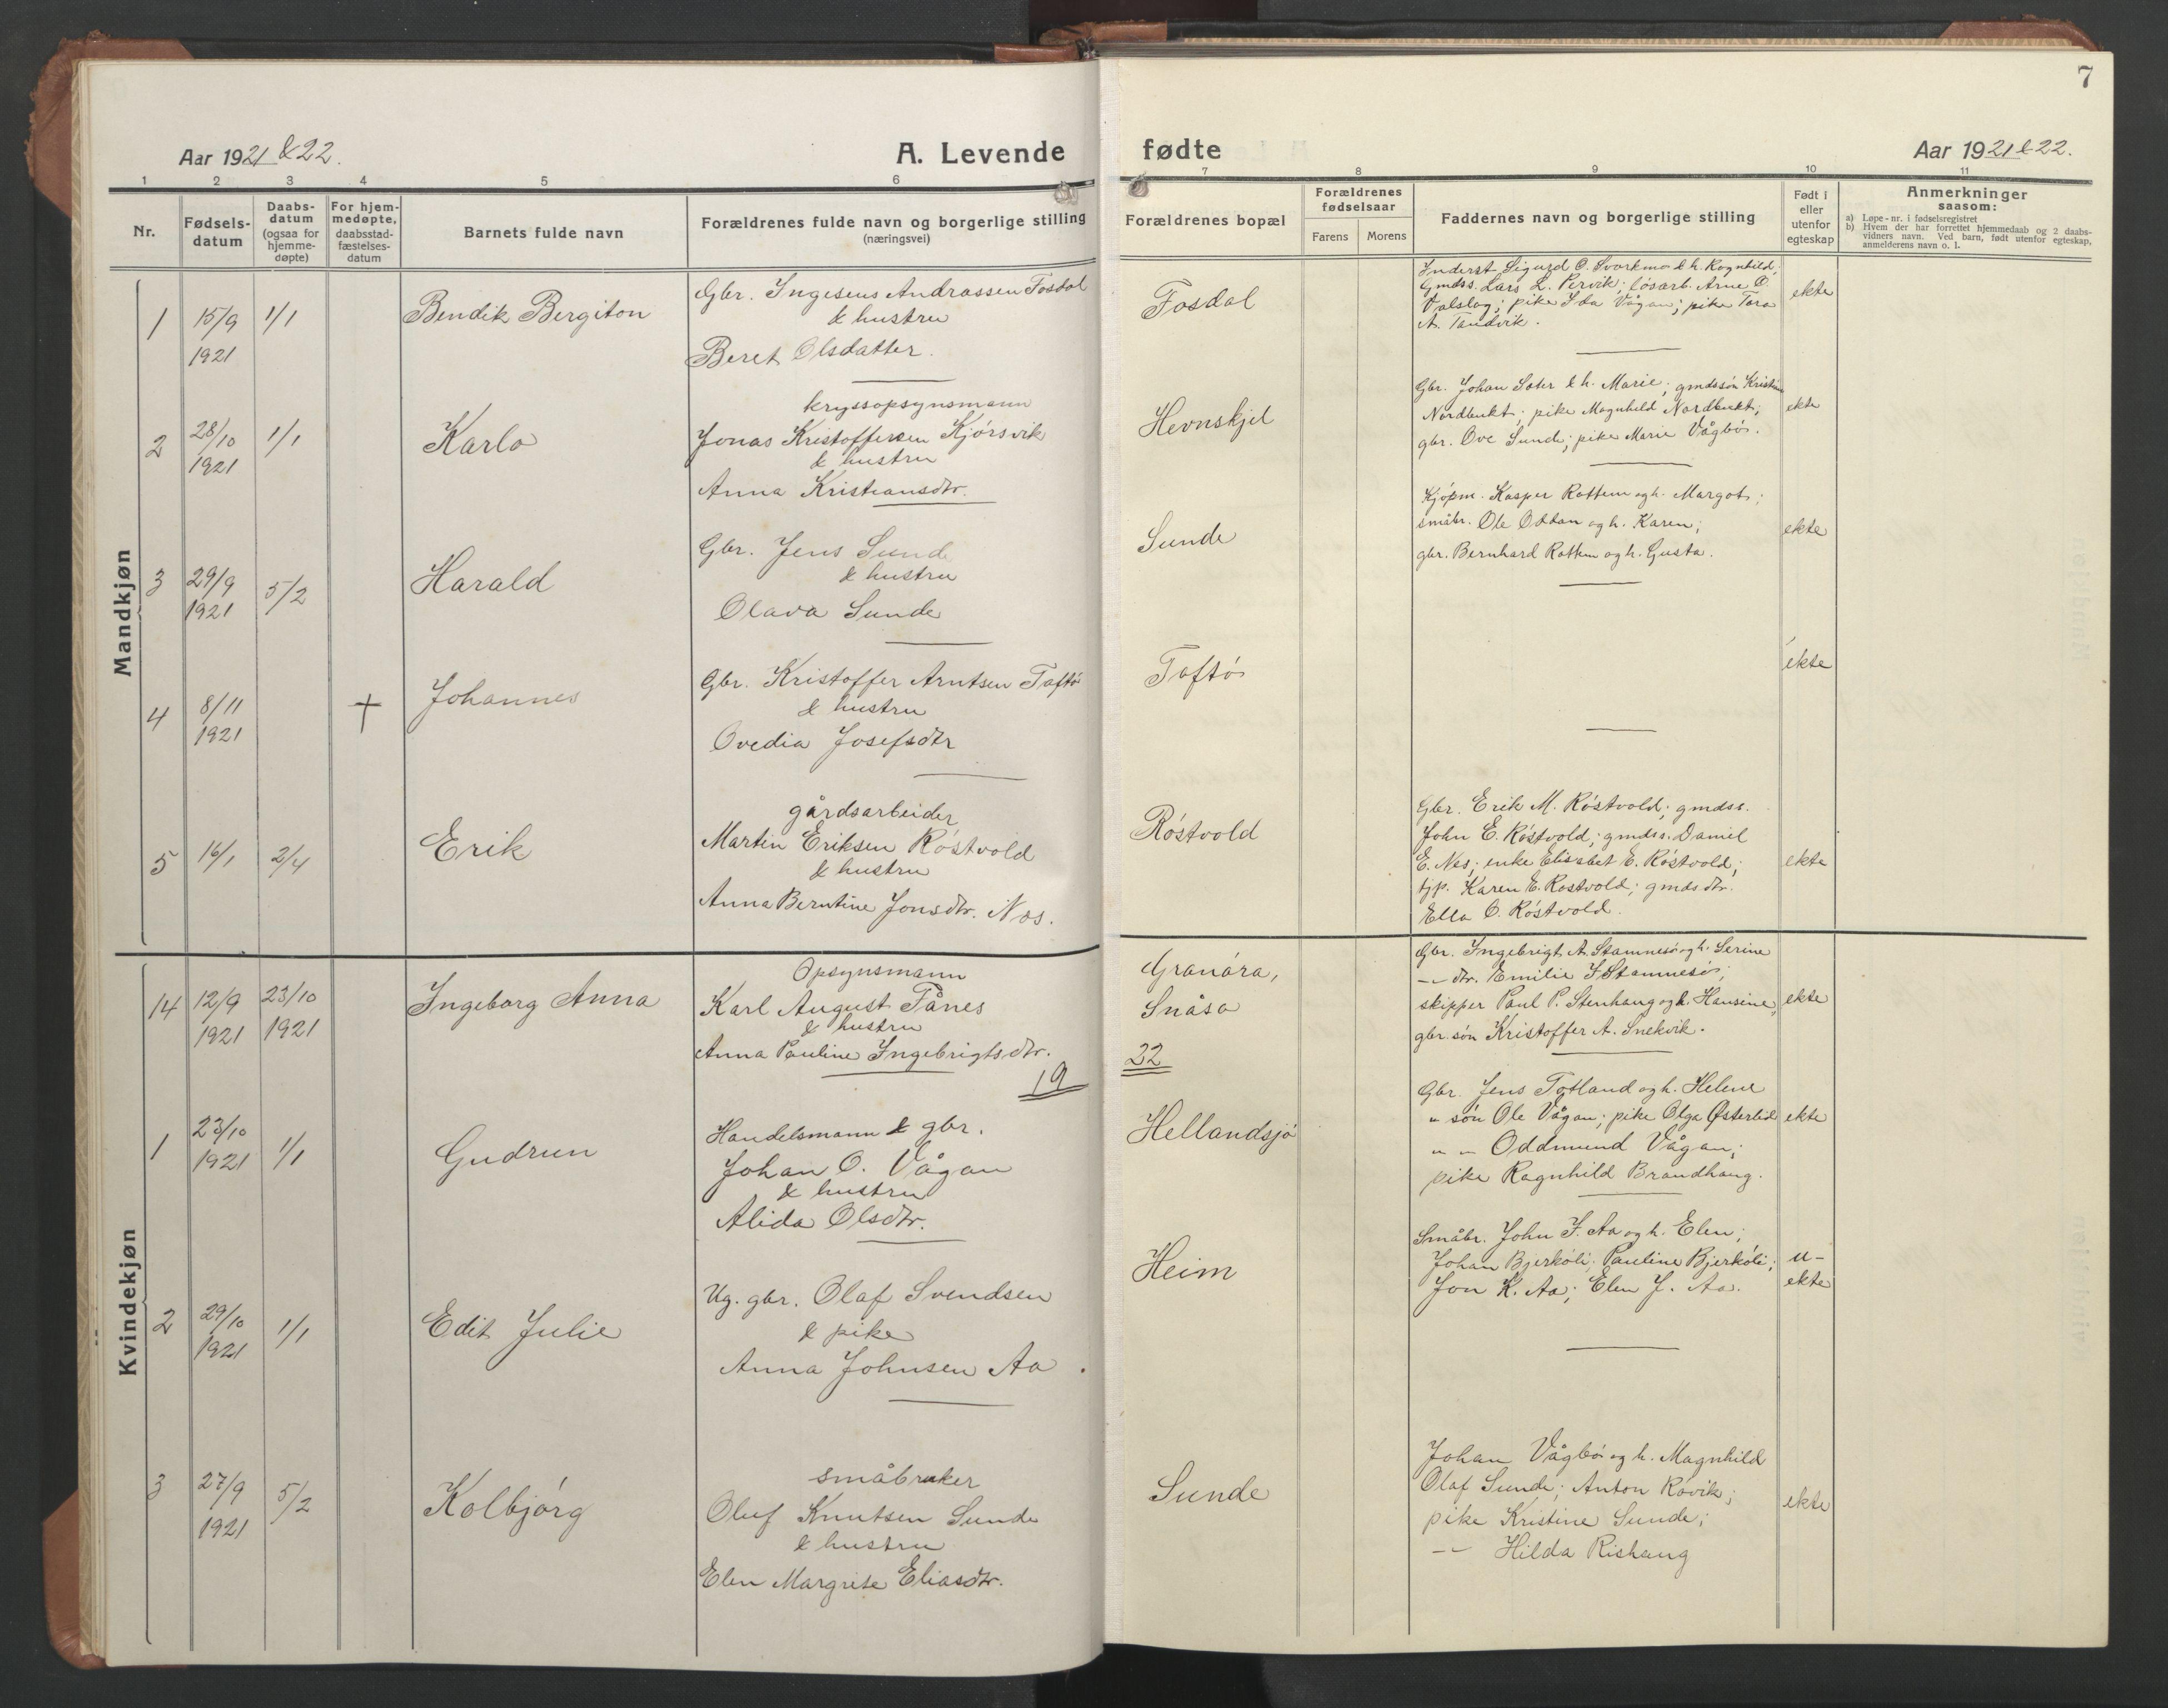 SAT, Ministerialprotokoller, klokkerbøker og fødselsregistre - Sør-Trøndelag, 633/L0521: Klokkerbok nr. 633C03, 1921-1941, s. 7